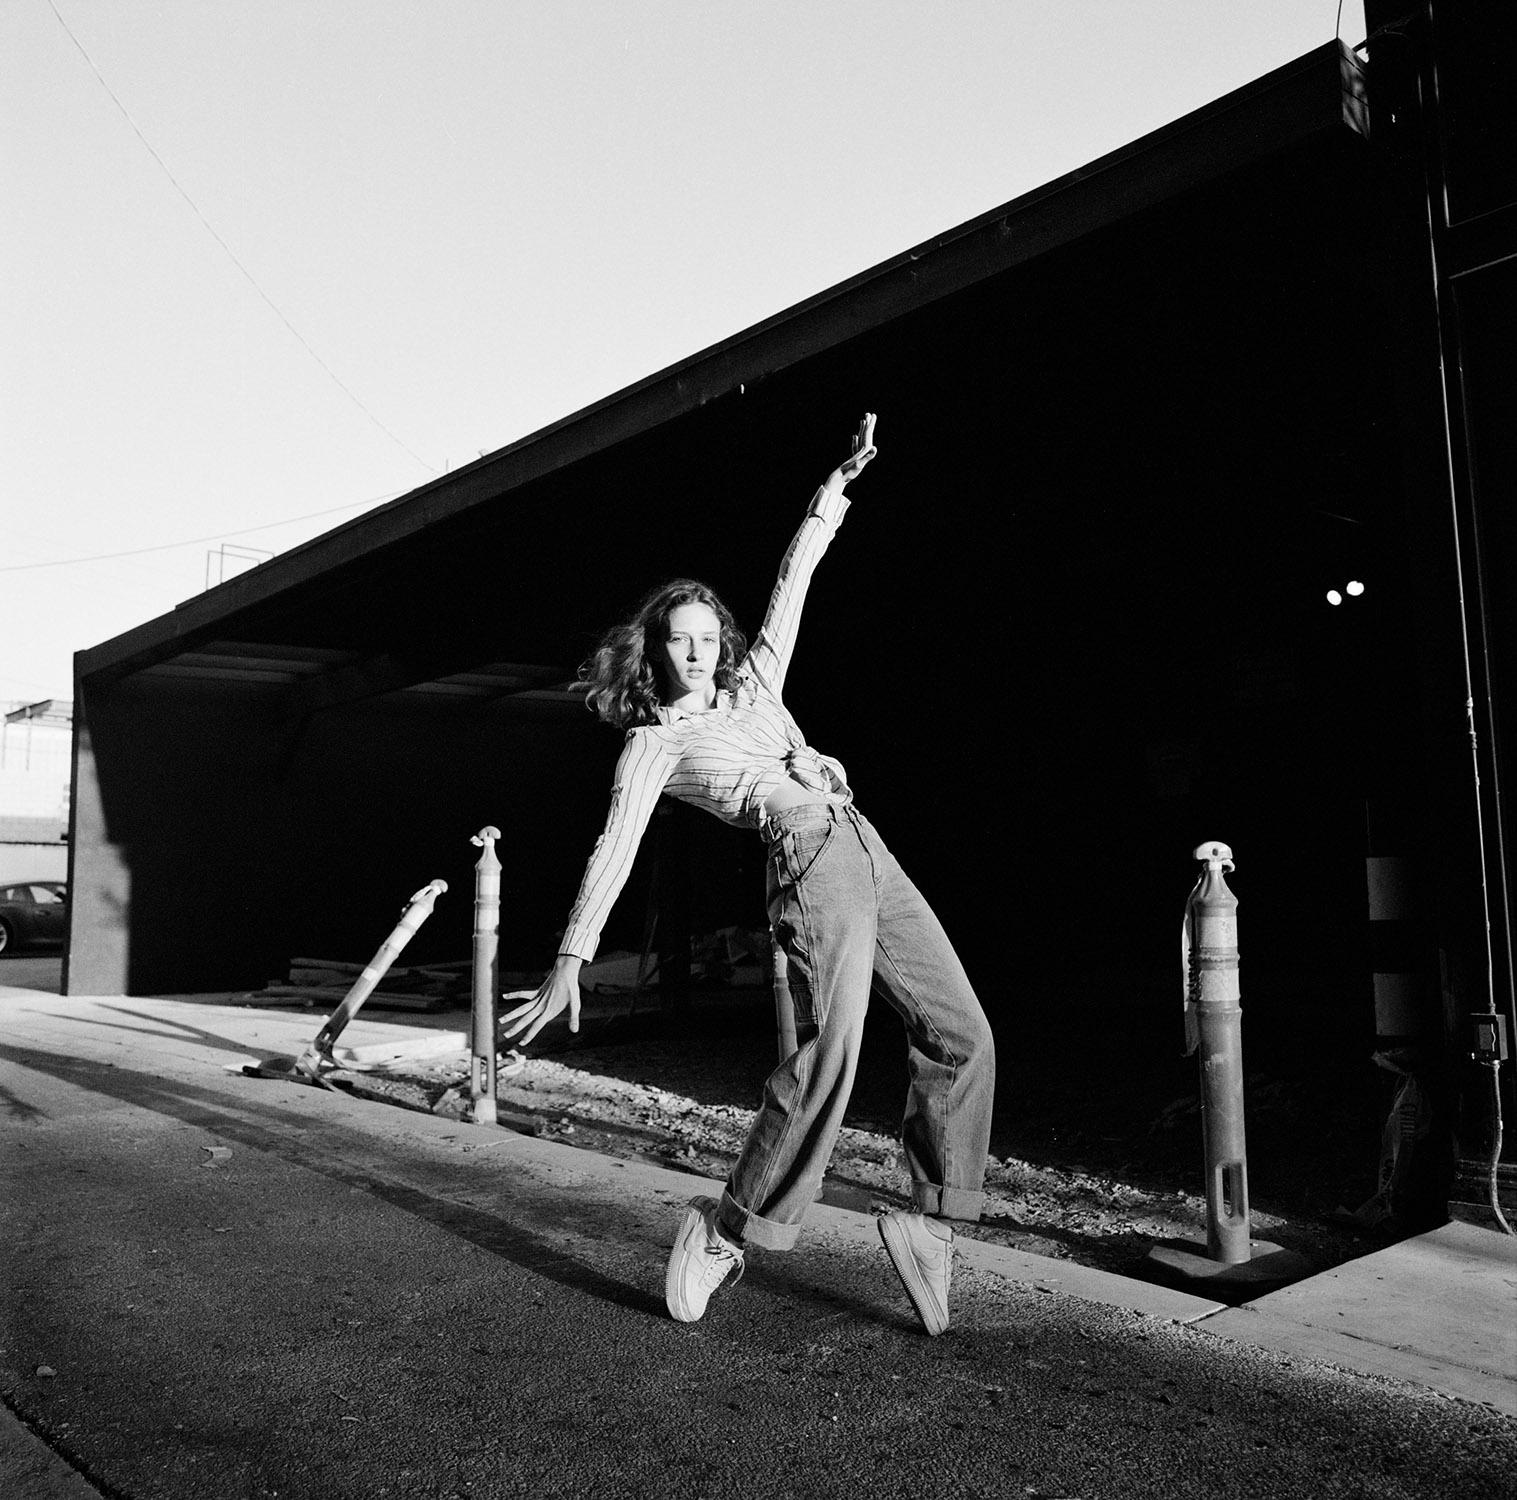 2019-Vika-Stephanie-Noritz-06.jpg